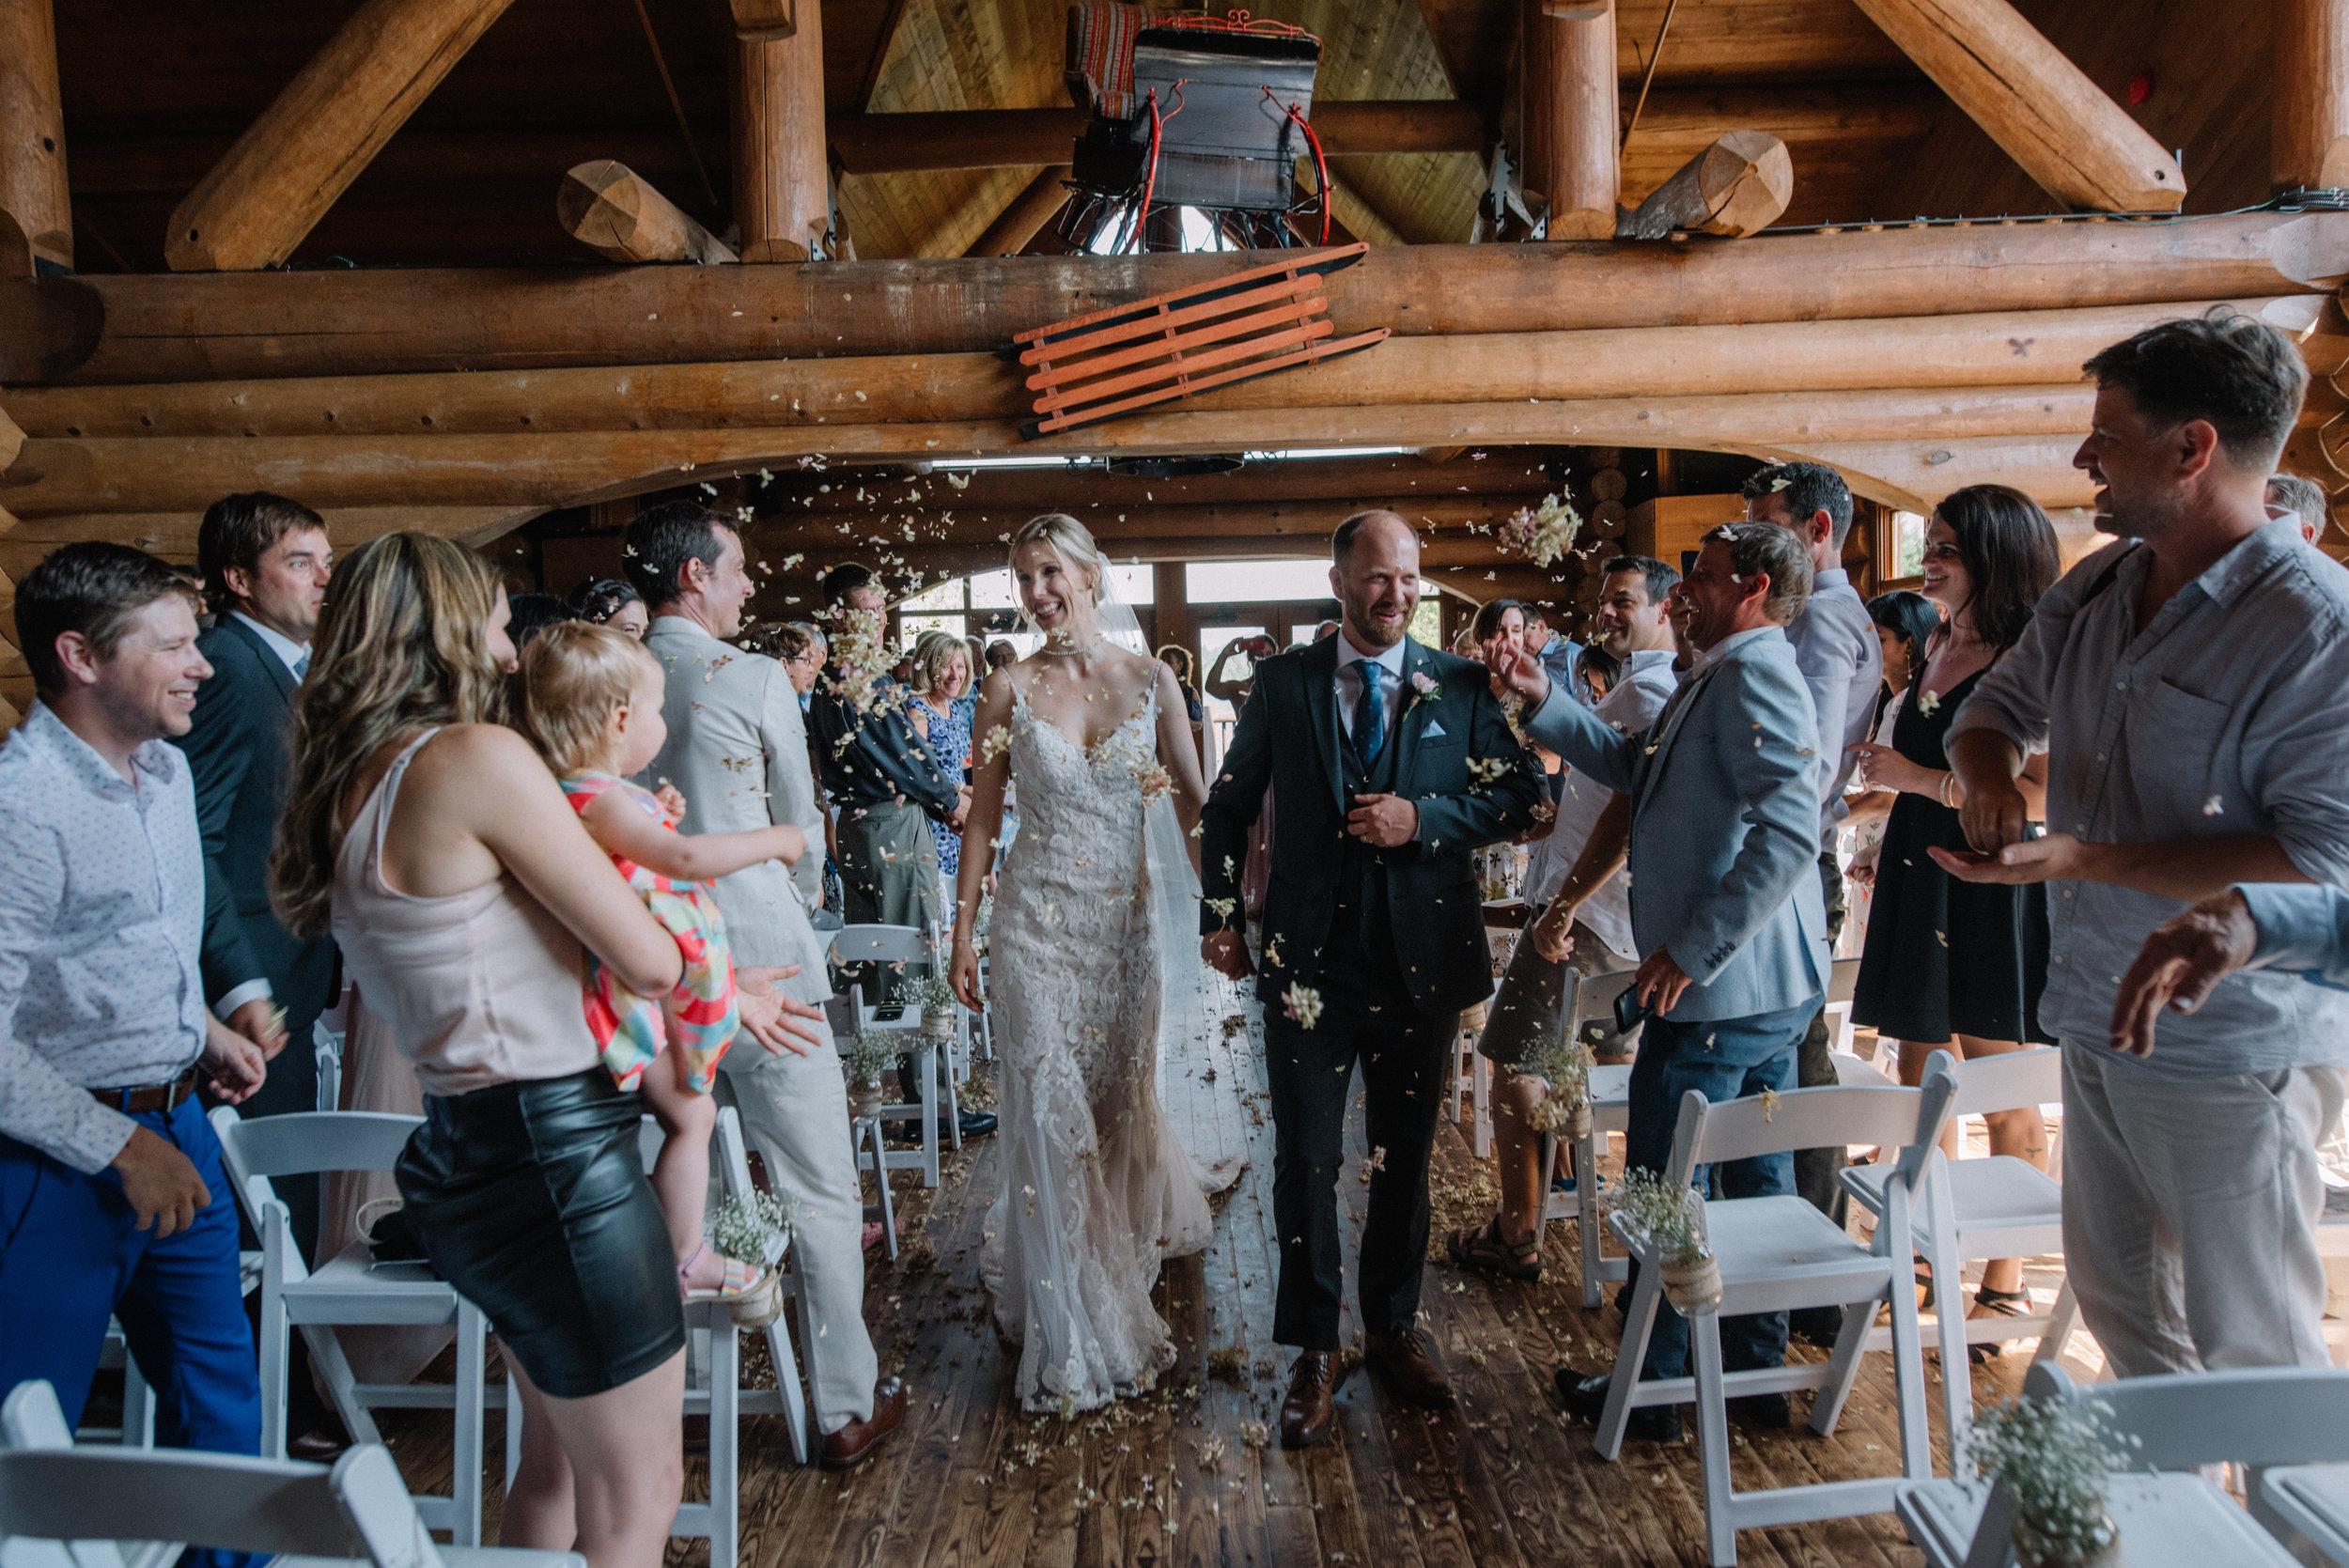 gatineau_photographe_mariage_ottawa_wedding_photography_documentary_candid_unposed_lifestyle_photography_photographie_613_family_famille (48).jpg